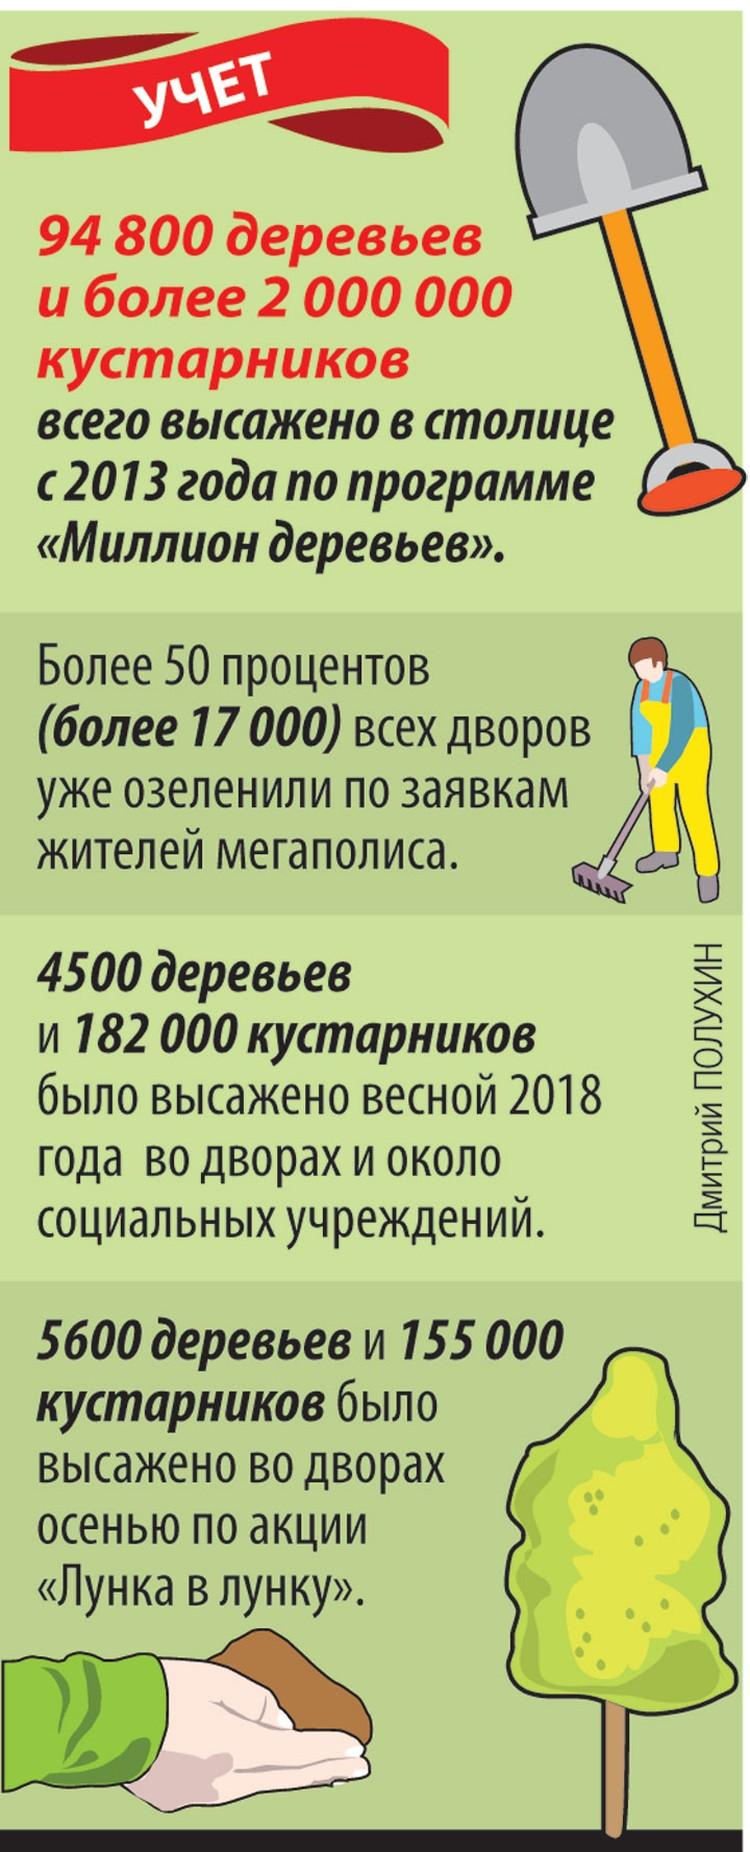 """94800 деревьев и более 2000000 кустарников всего высажено в столице с 2013 года по программе """"Миллион деревьев""""."""